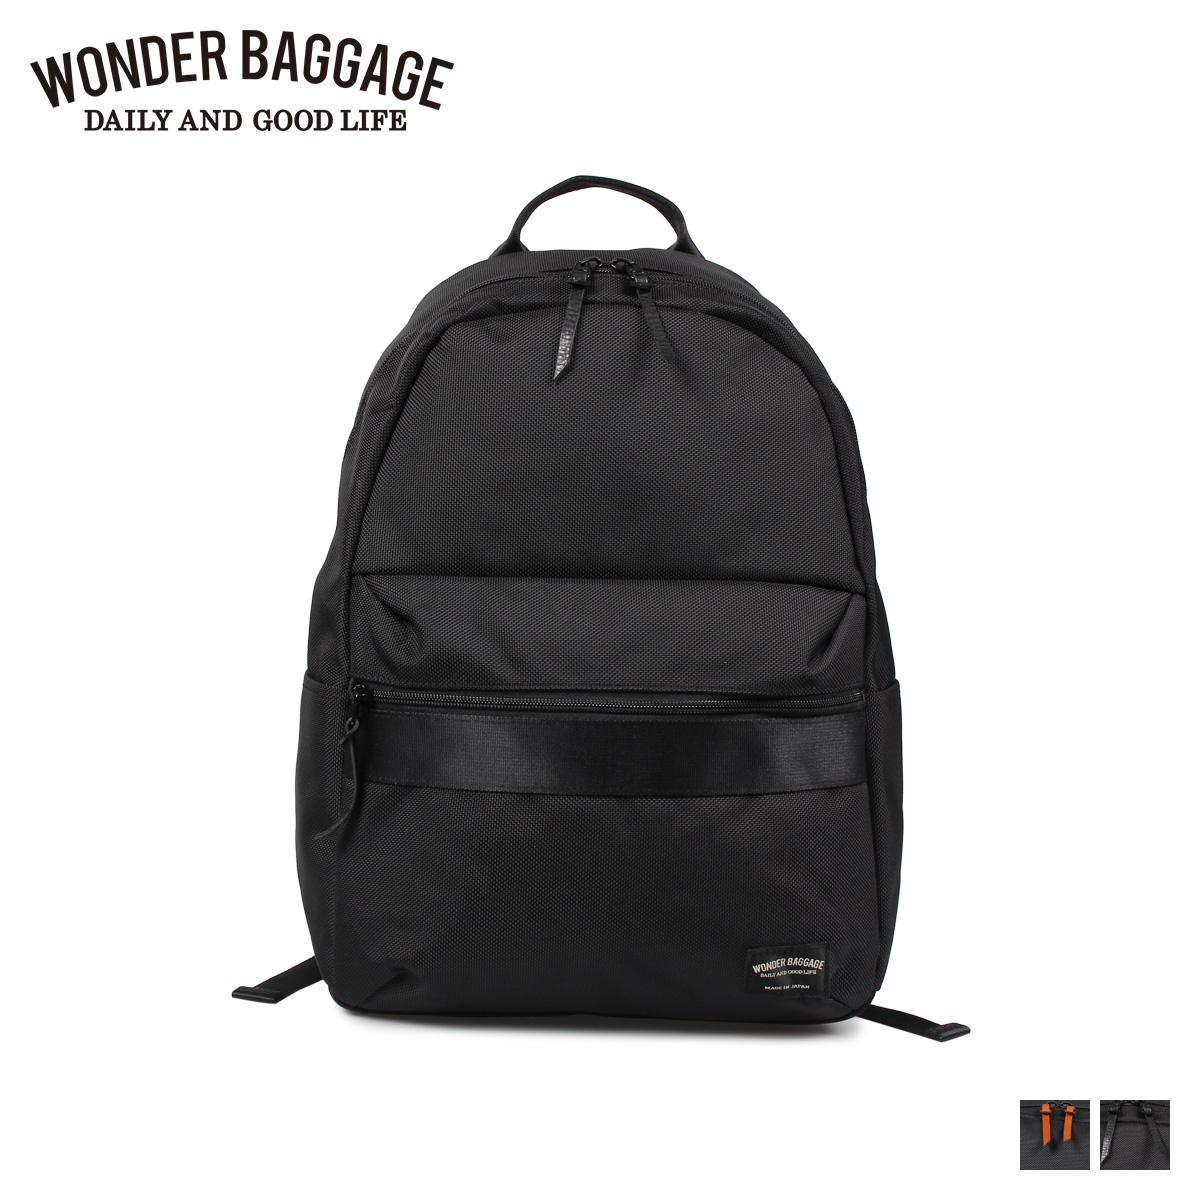 WONDER BAGGAGE GOODMANS LIGHT PACK ワンダーバゲージ リュック バッグ バックパック メンズ レディース 18L ブラック ネイビー 黒 WB-G-022